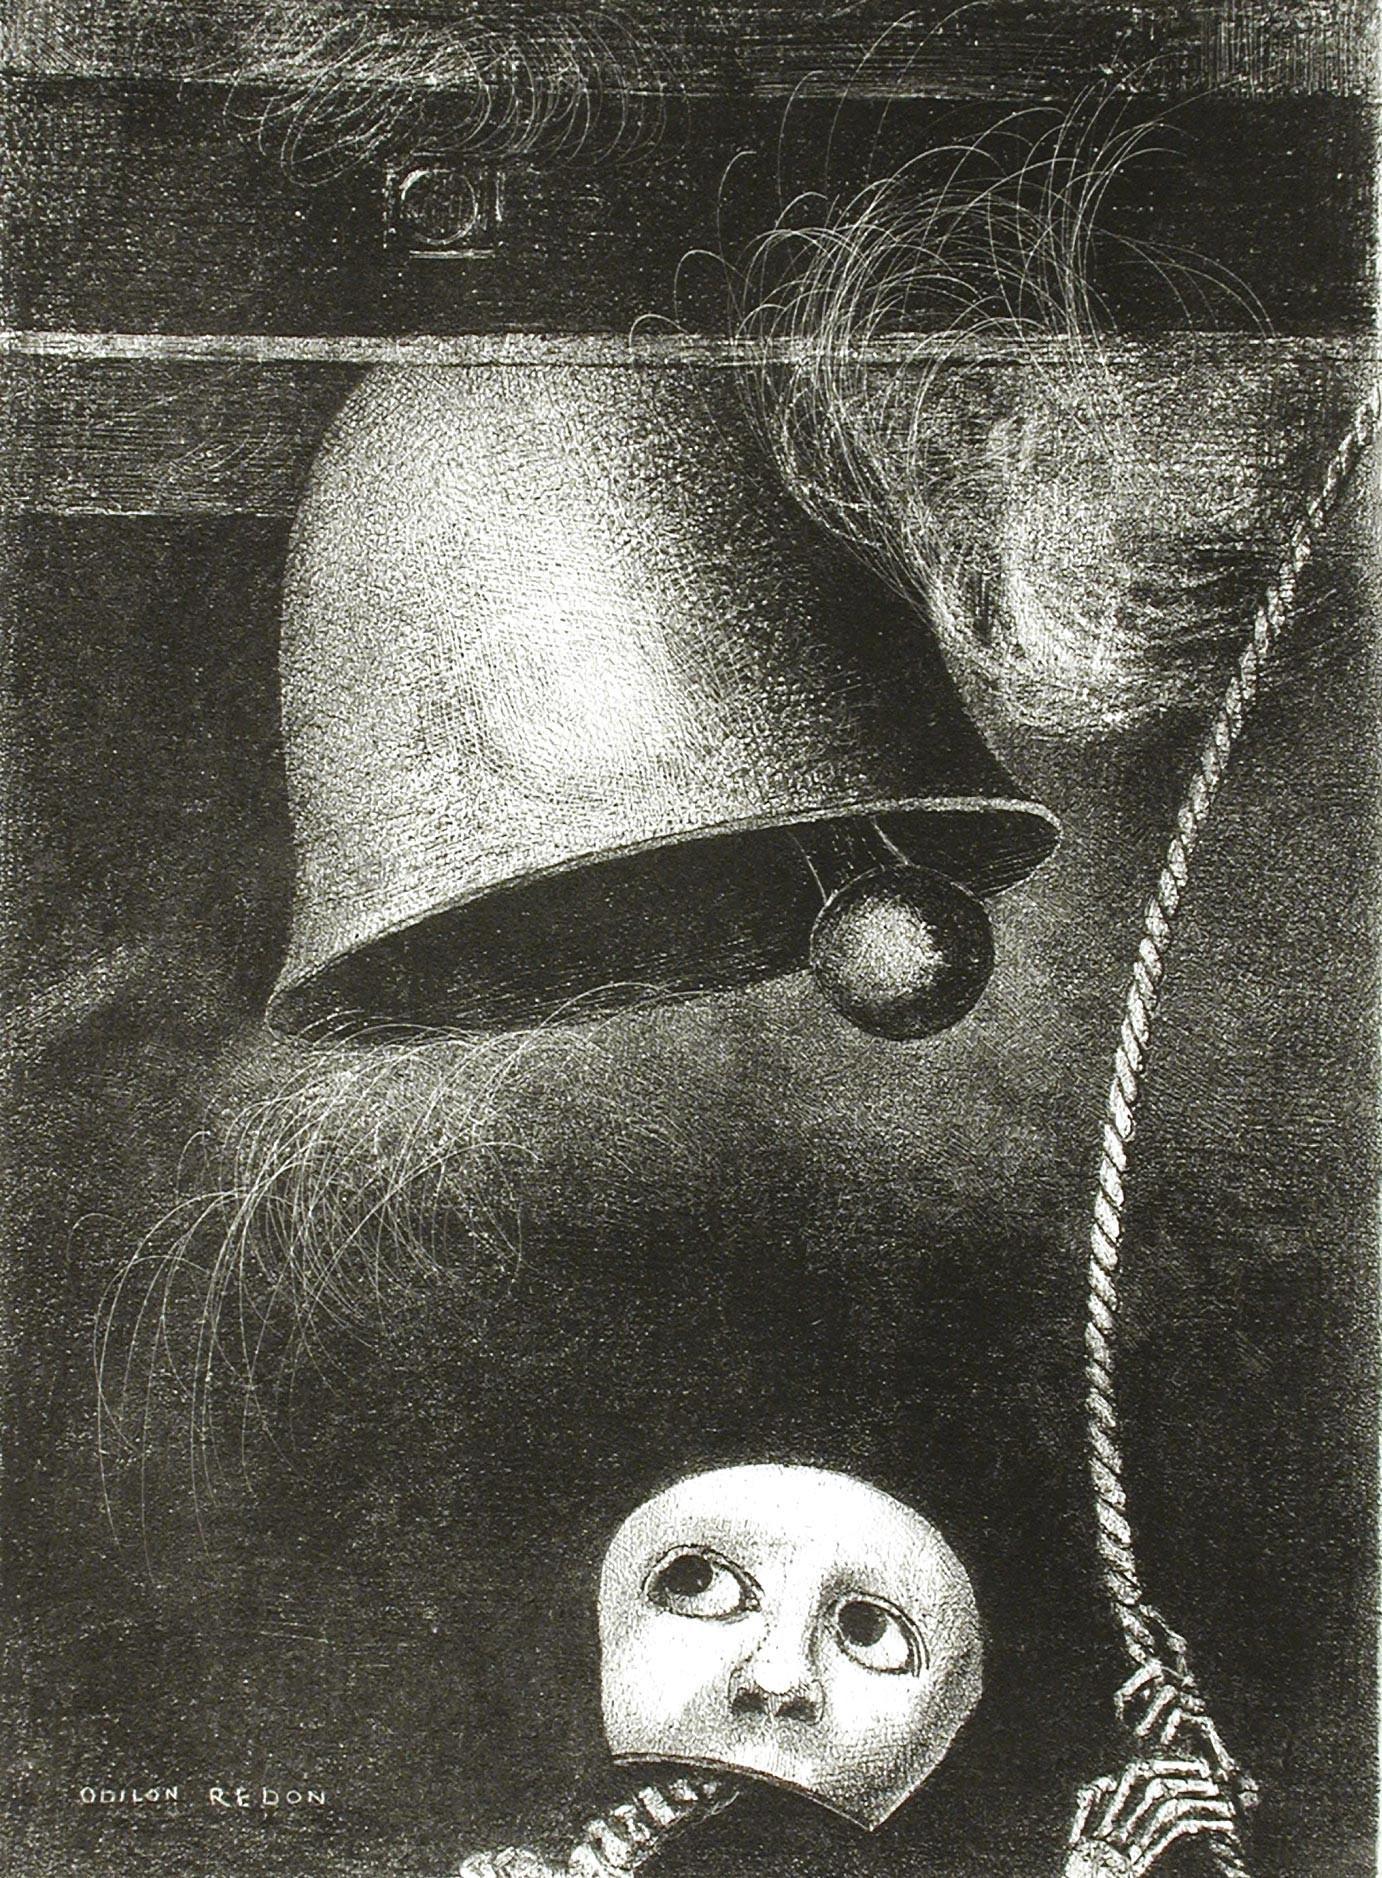 Un masque sonne le glas funèbre